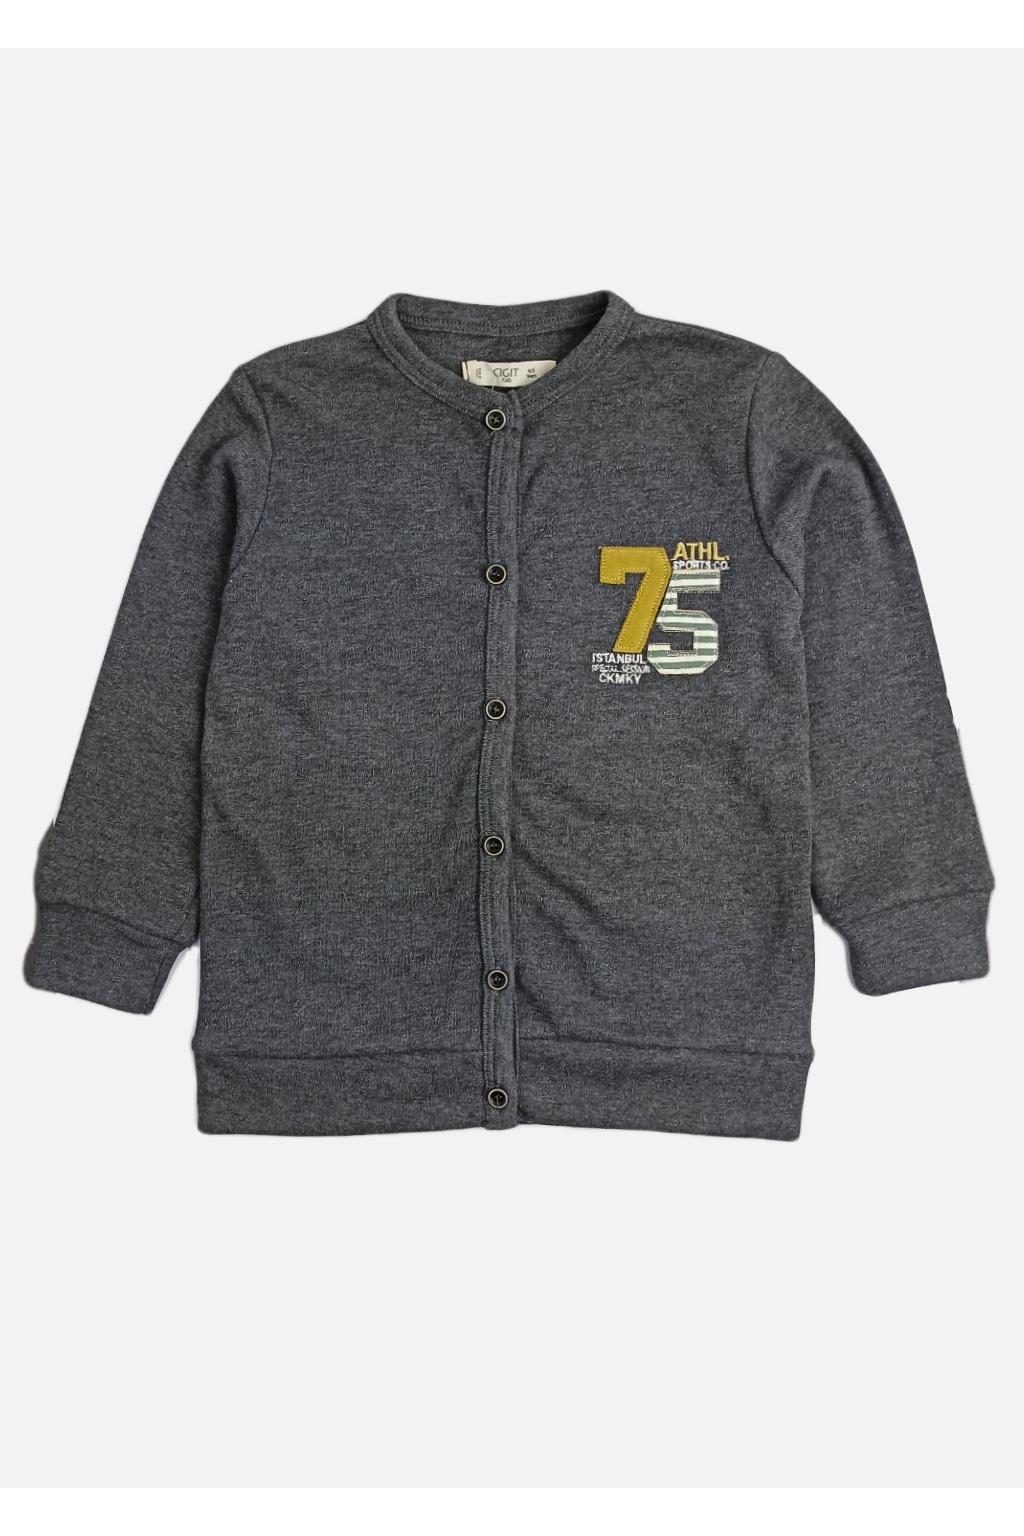 chlapecky svetr